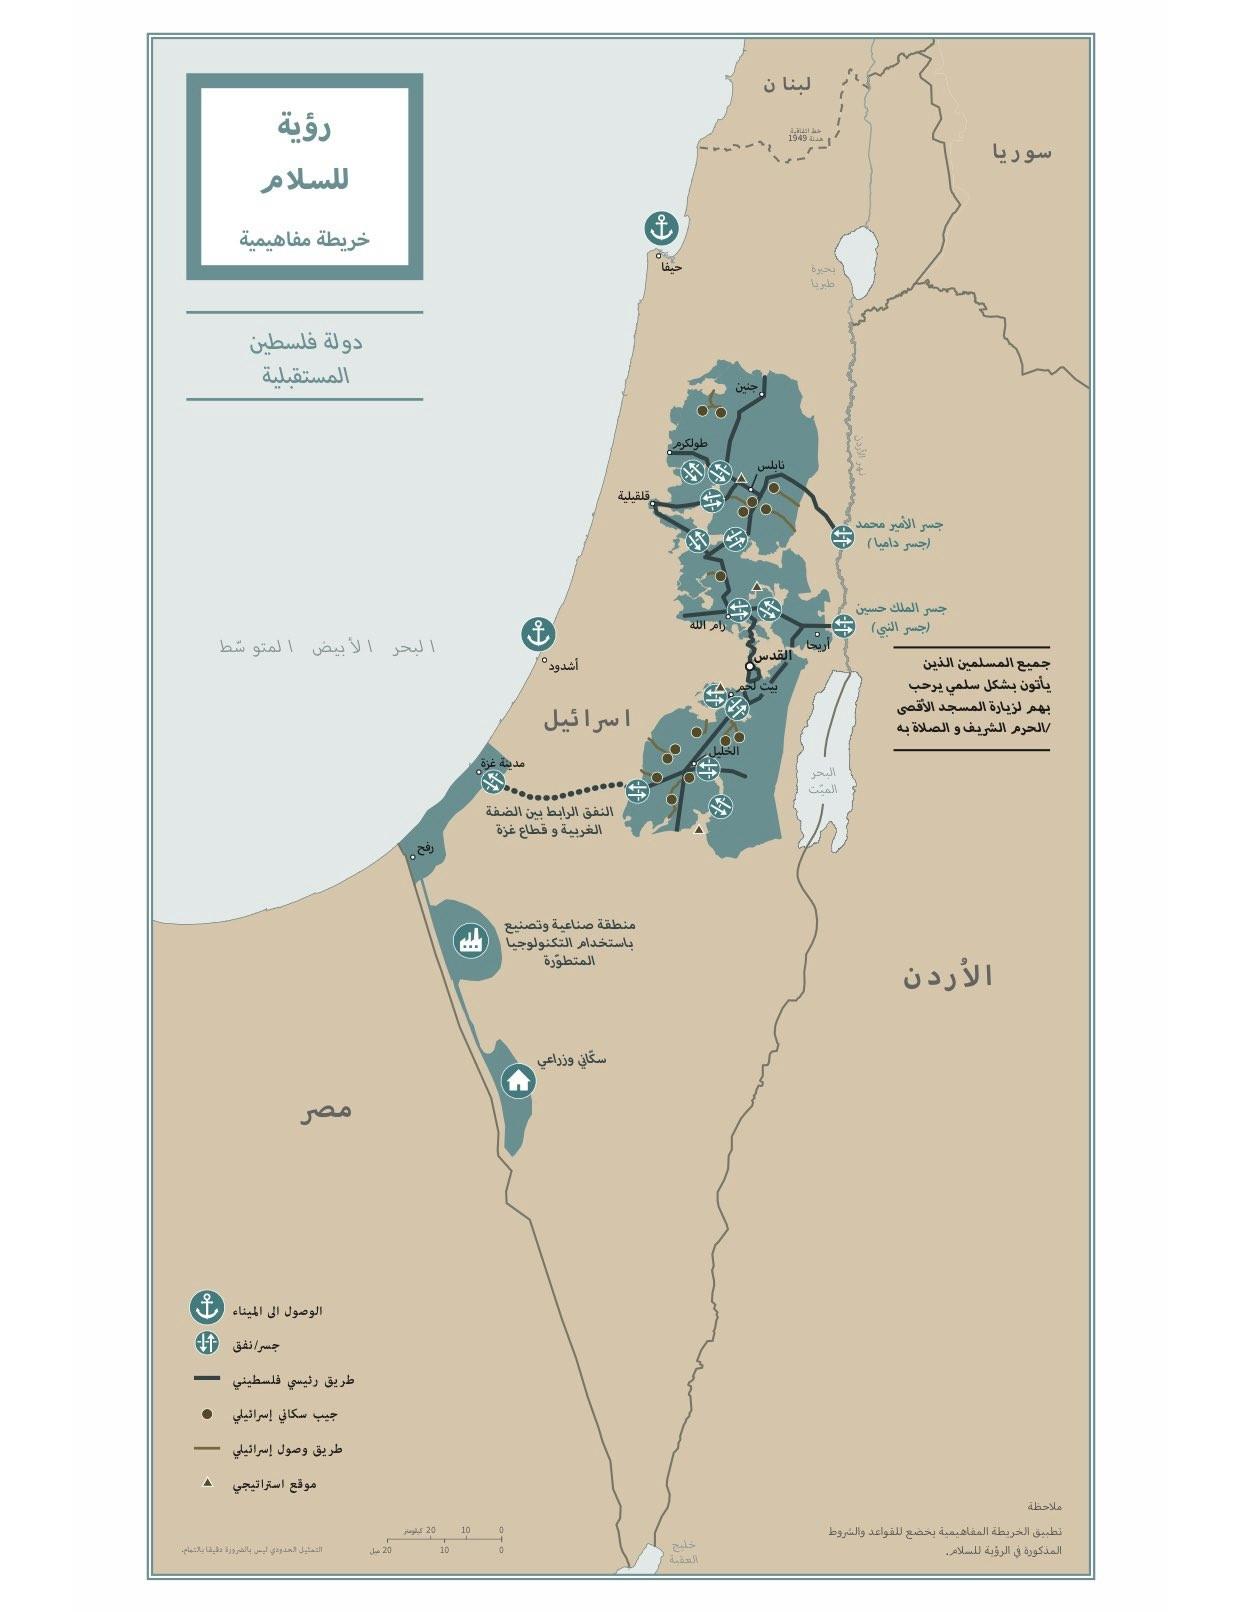 harita-8c37.jpg